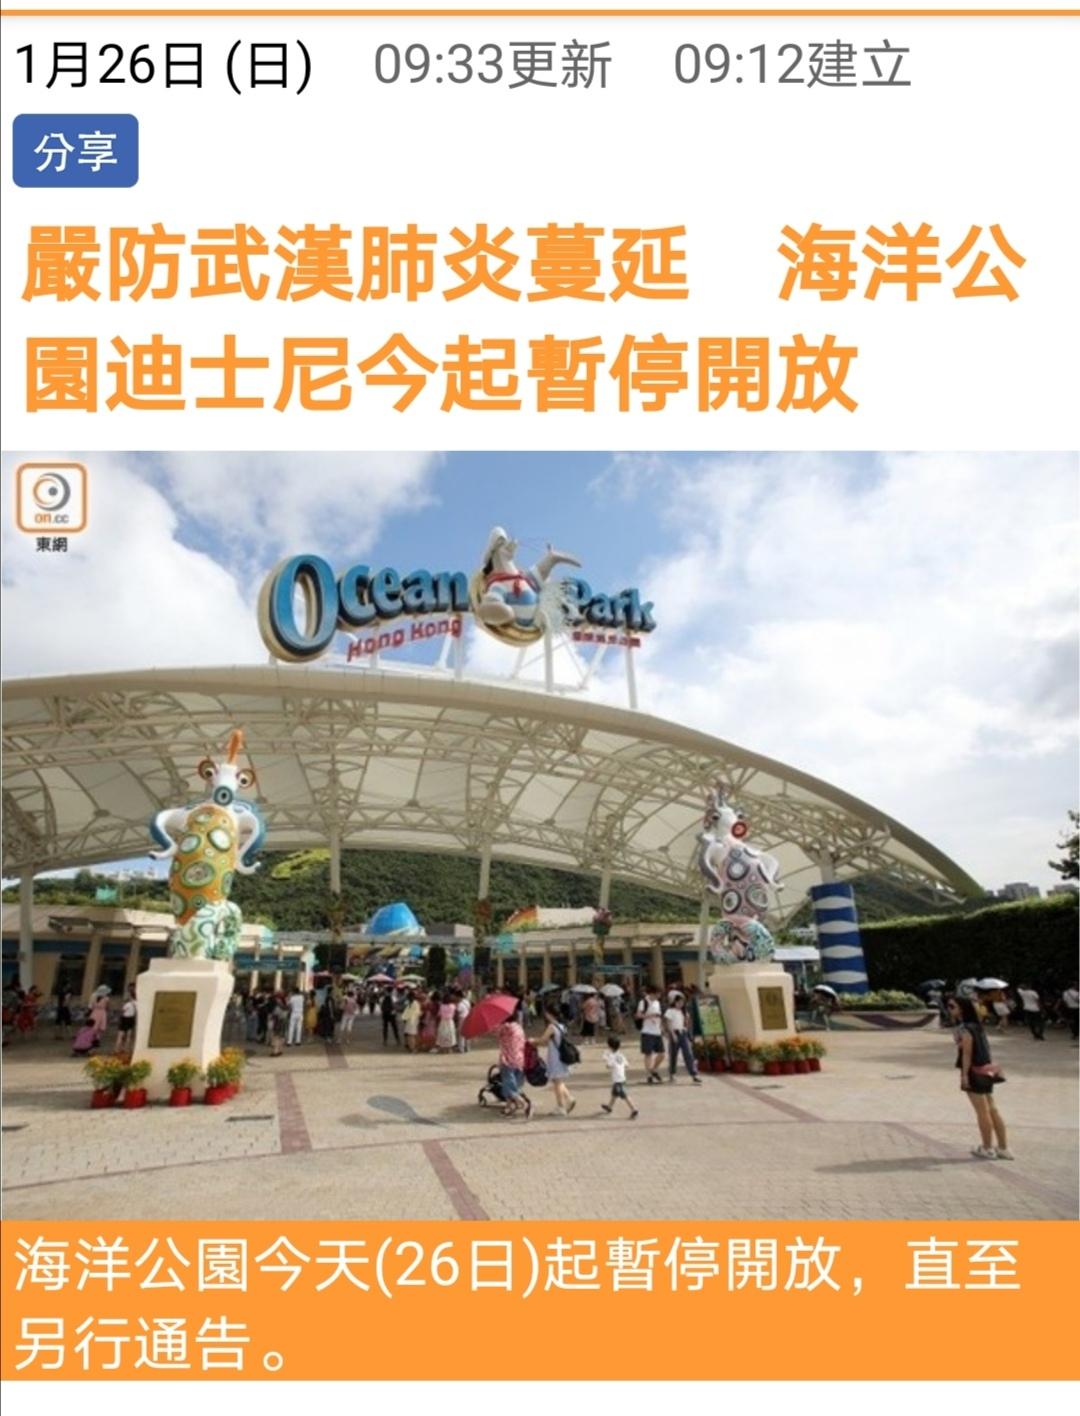 香港海洋公园,迪士尼乐园也宣片暂停开放了